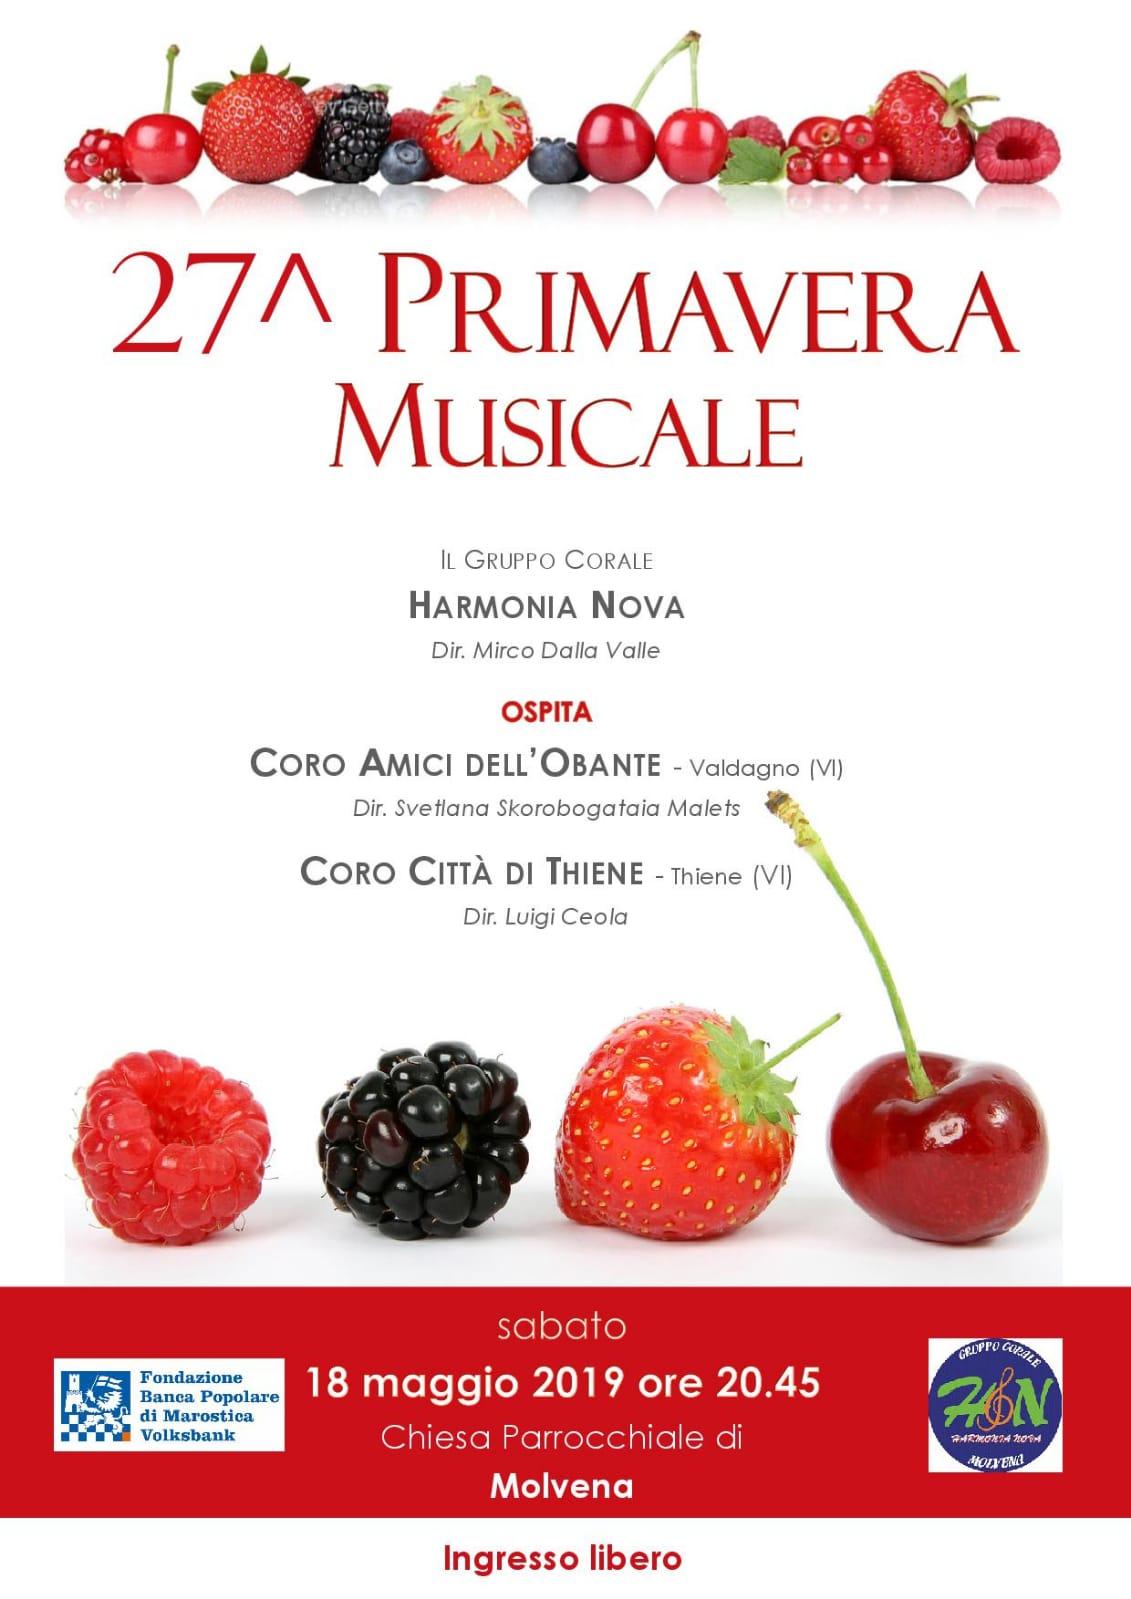 27^ PRIMAVERA MUSICALE